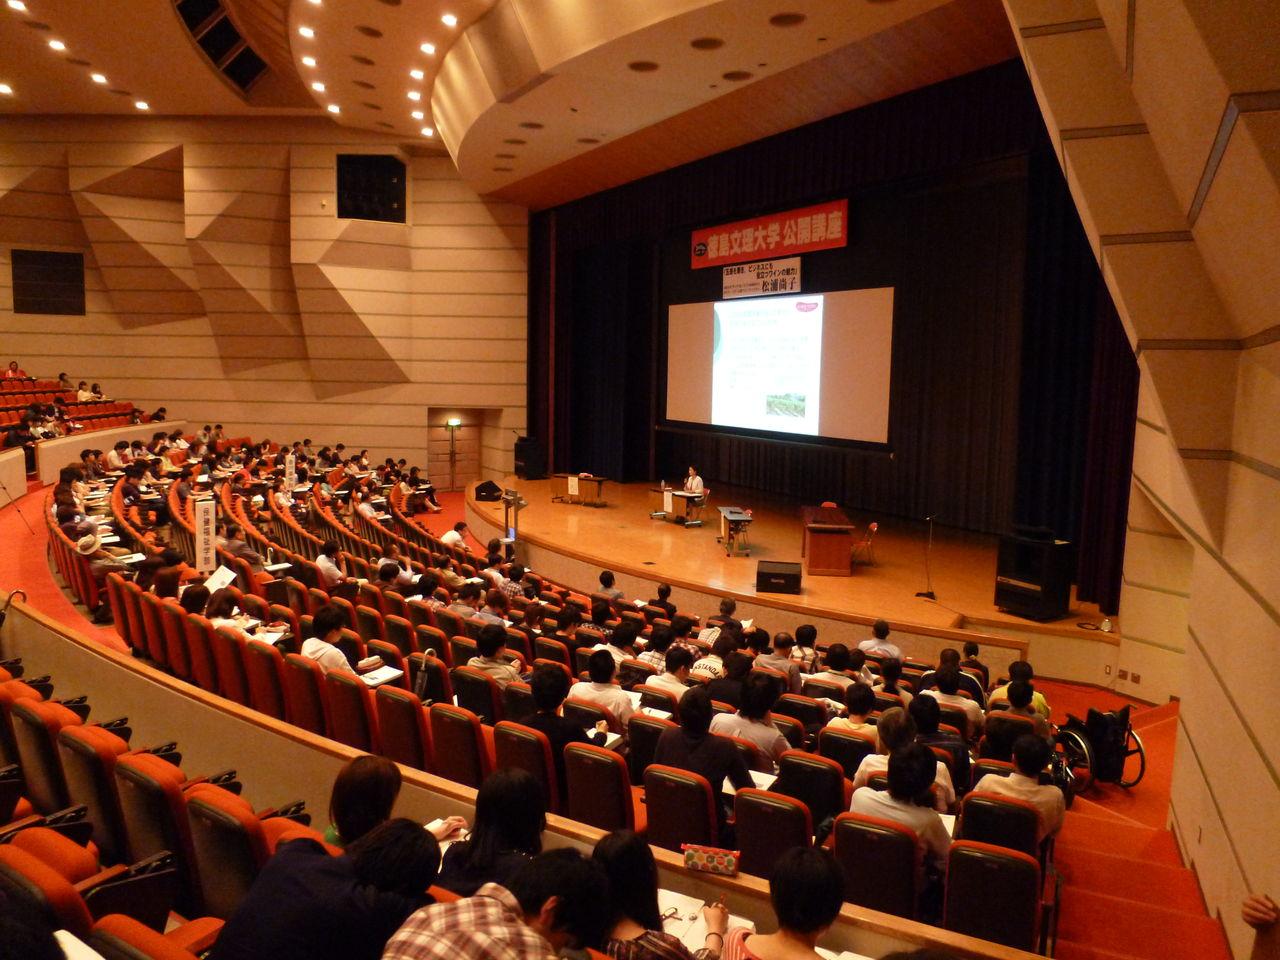 徳島文理大学へ講演にお邪魔してきました!翌日にはさぬきワイナリーも訪問